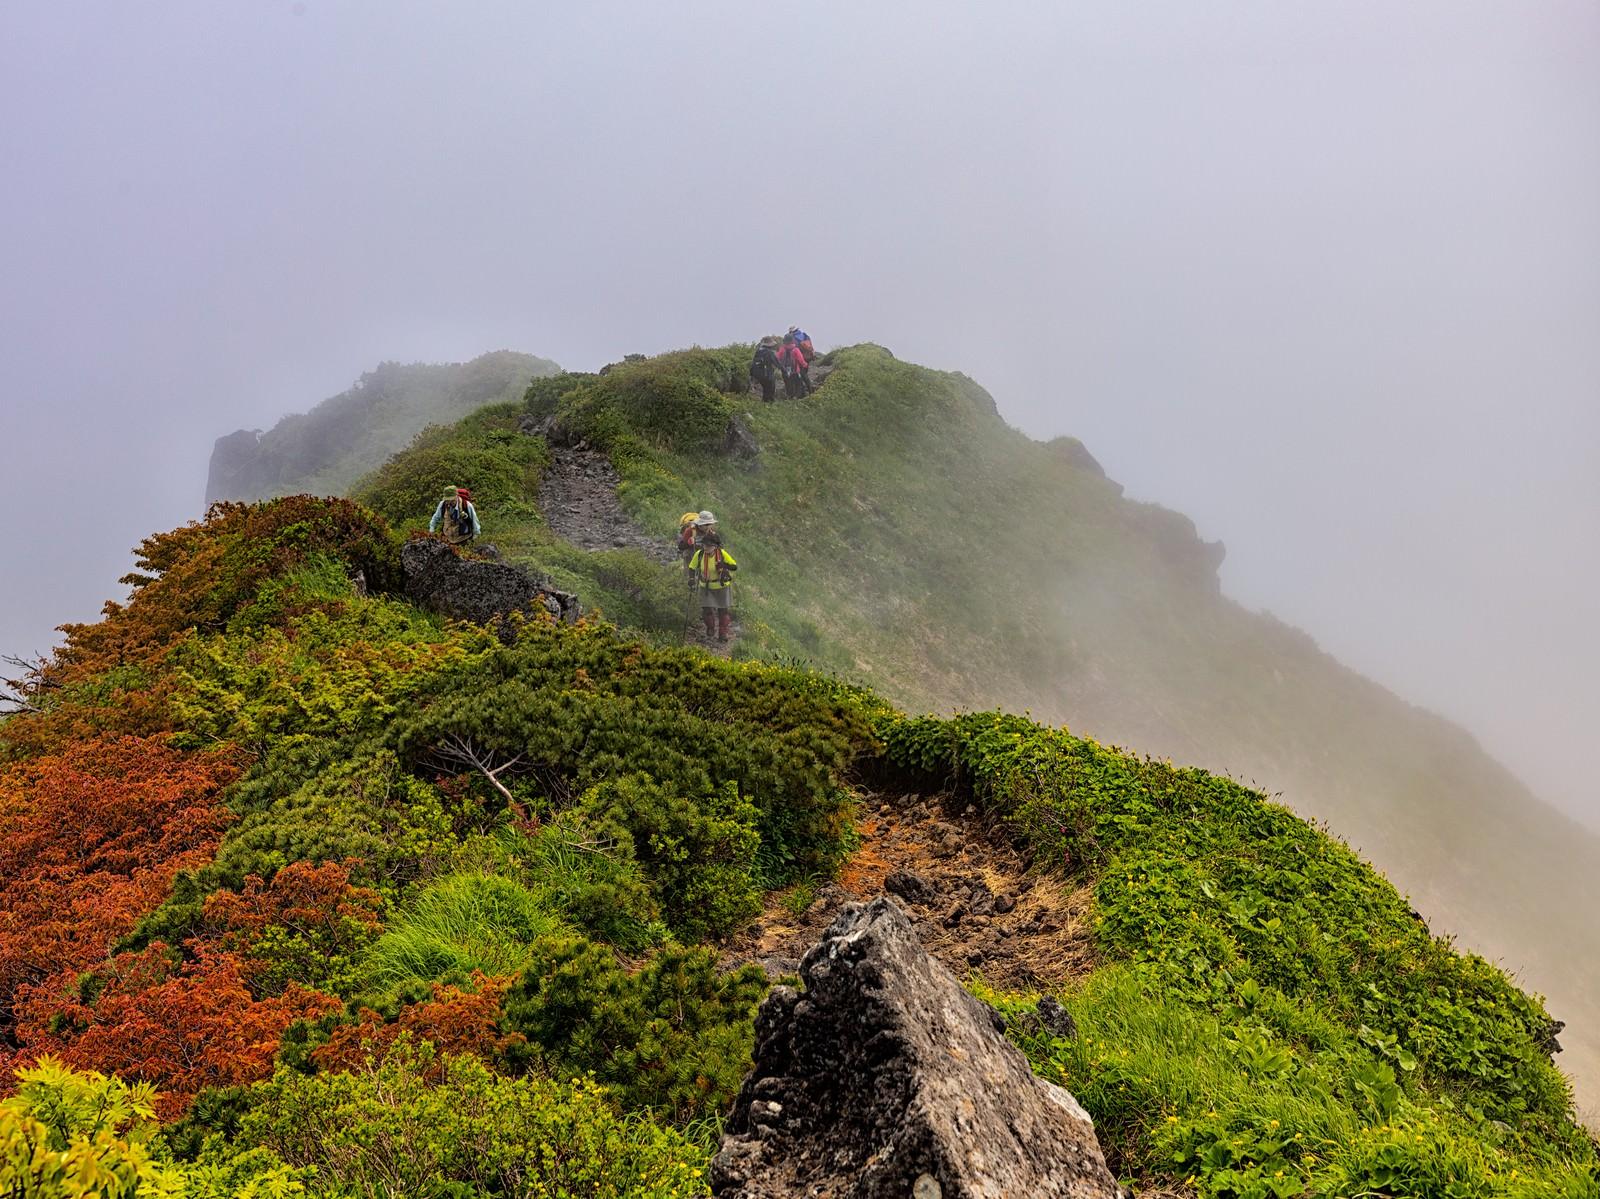 「稜線に立ち込める霧と登山者(秋田駒ヶ岳)」の写真